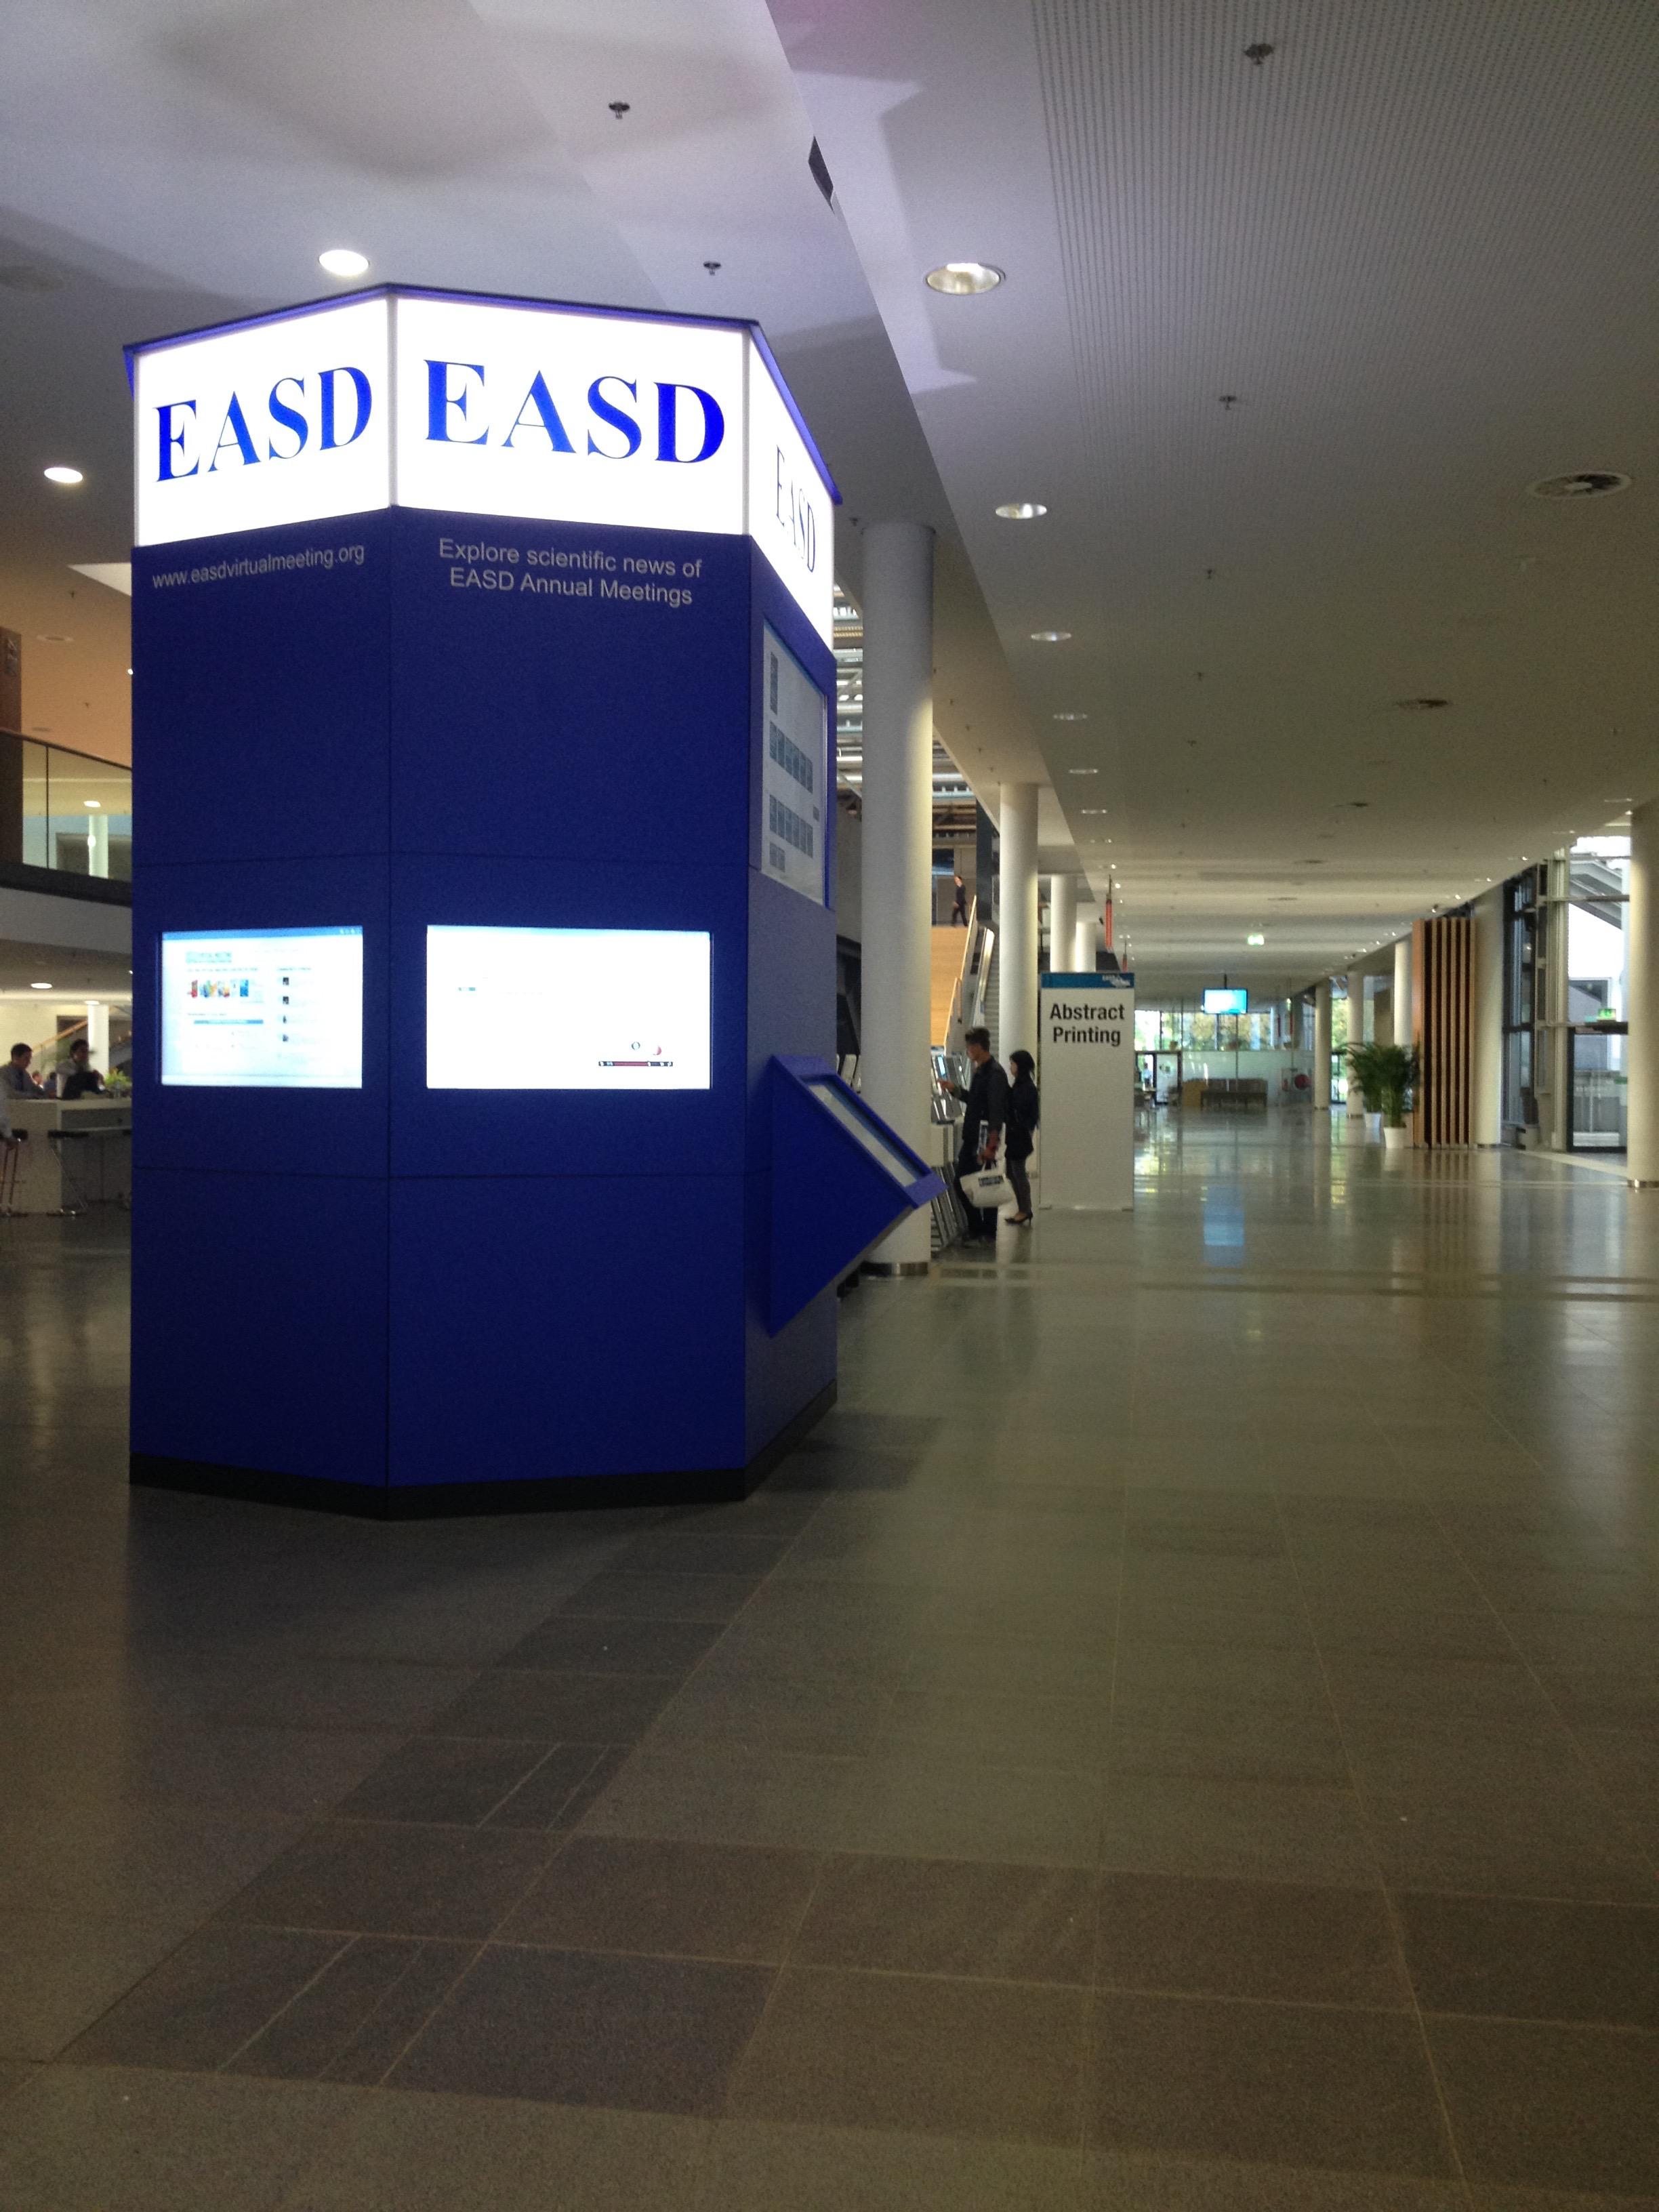 EASD totem